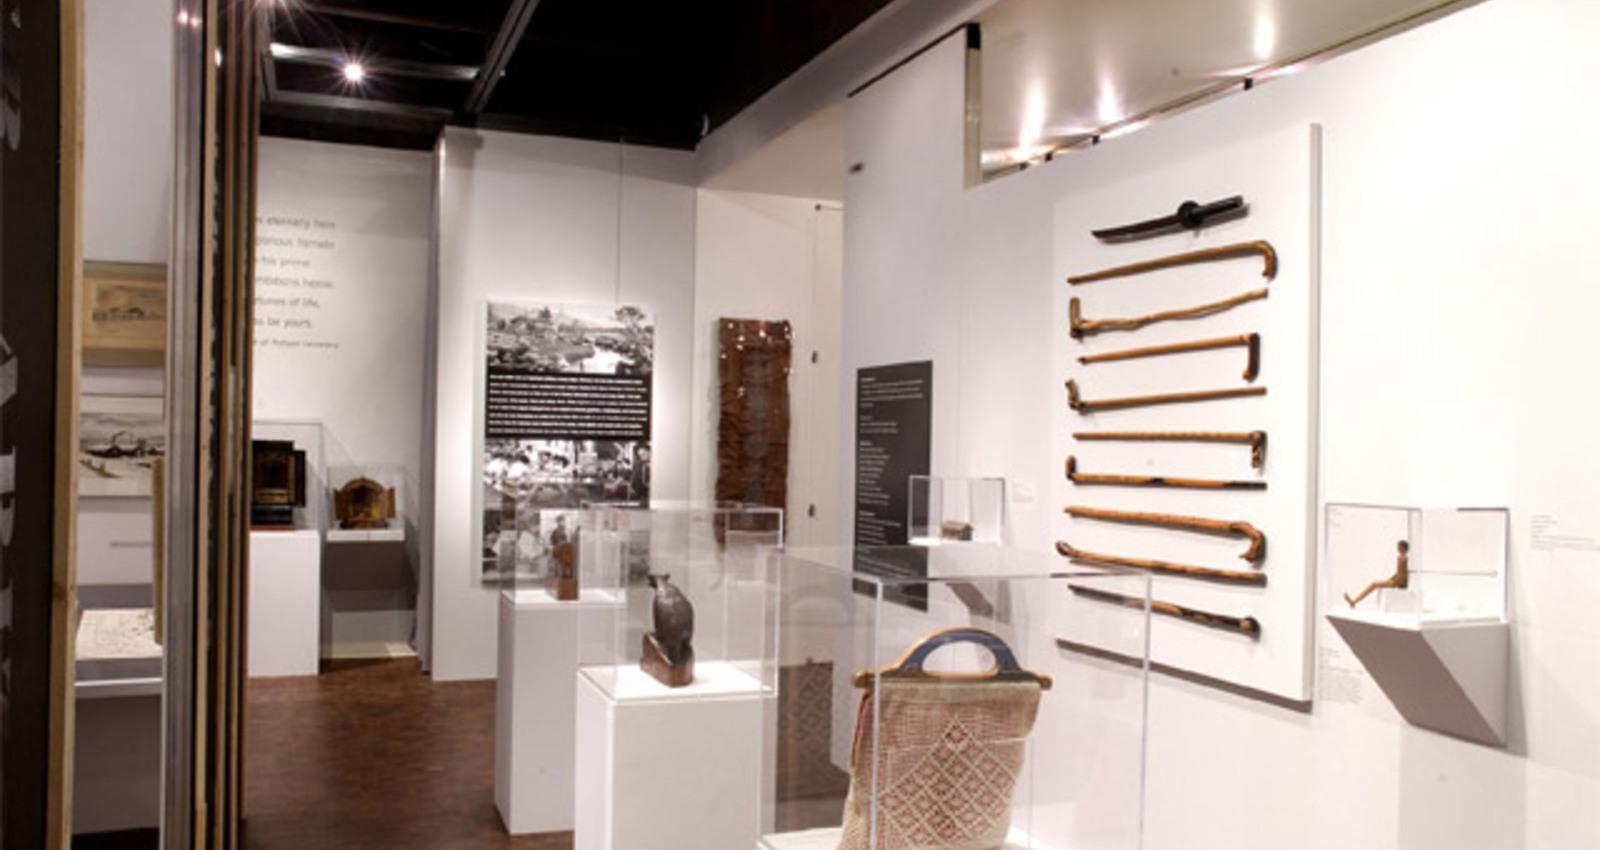 The Art of Gaman Museum Exhibit